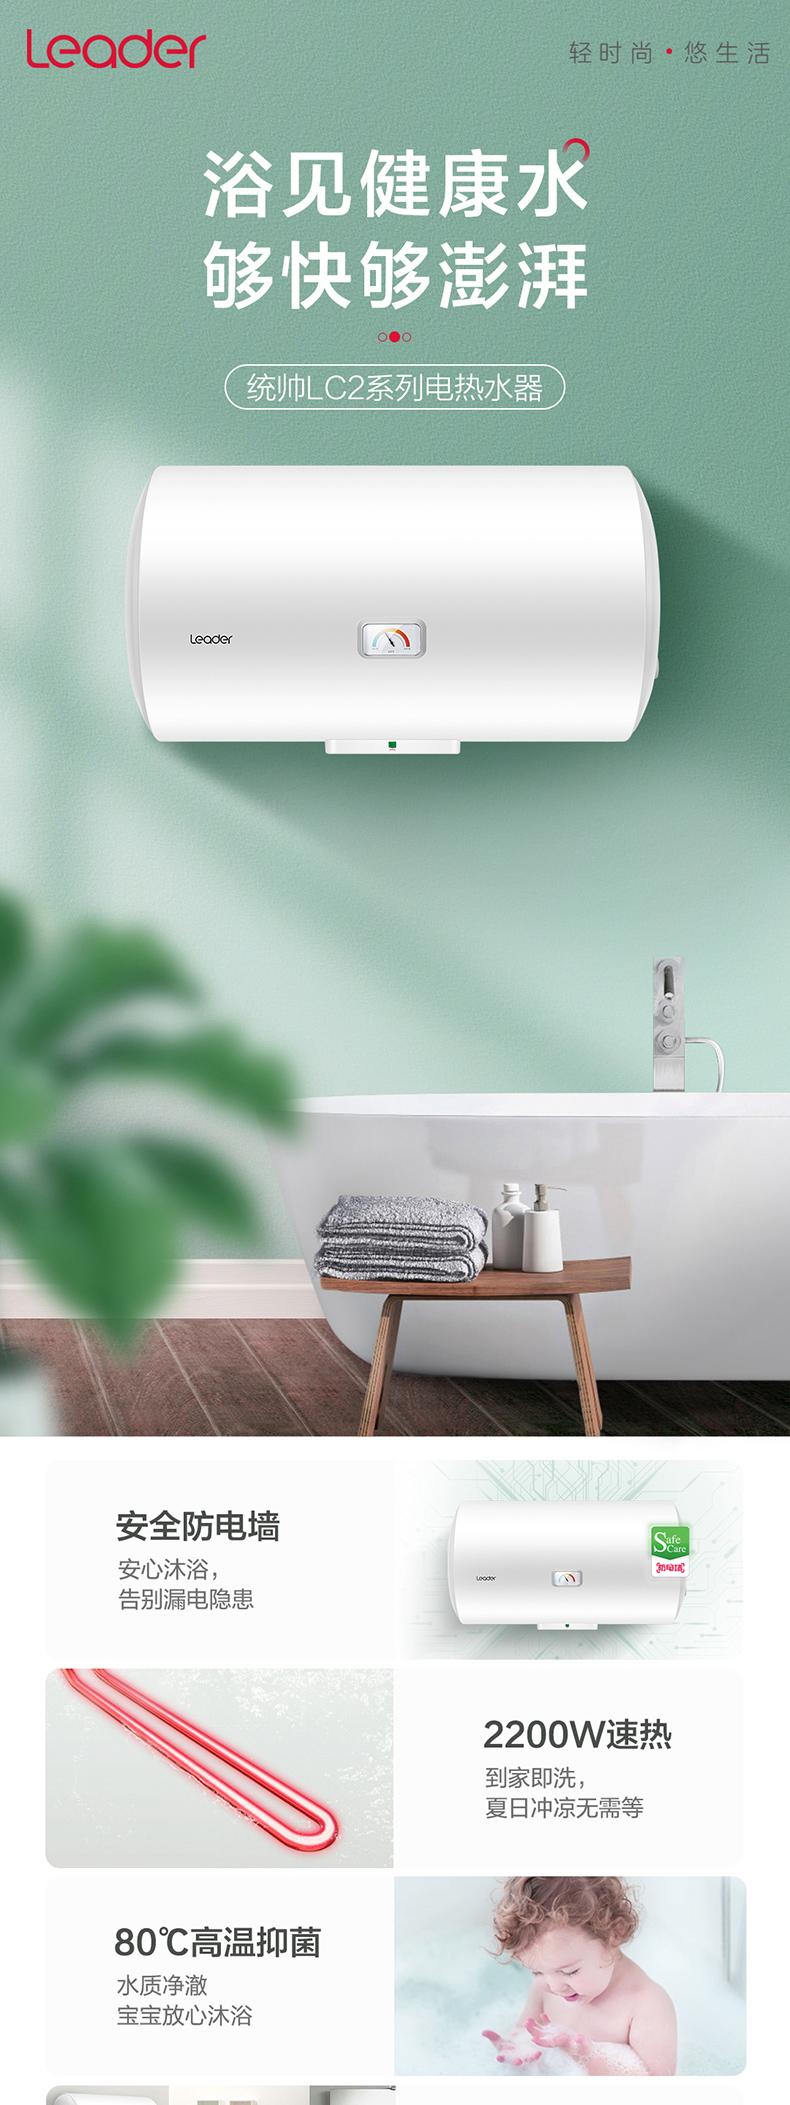 海尔统帅升小型家用电热水器速热化妆室淋浴洗澡租房官网详细照片